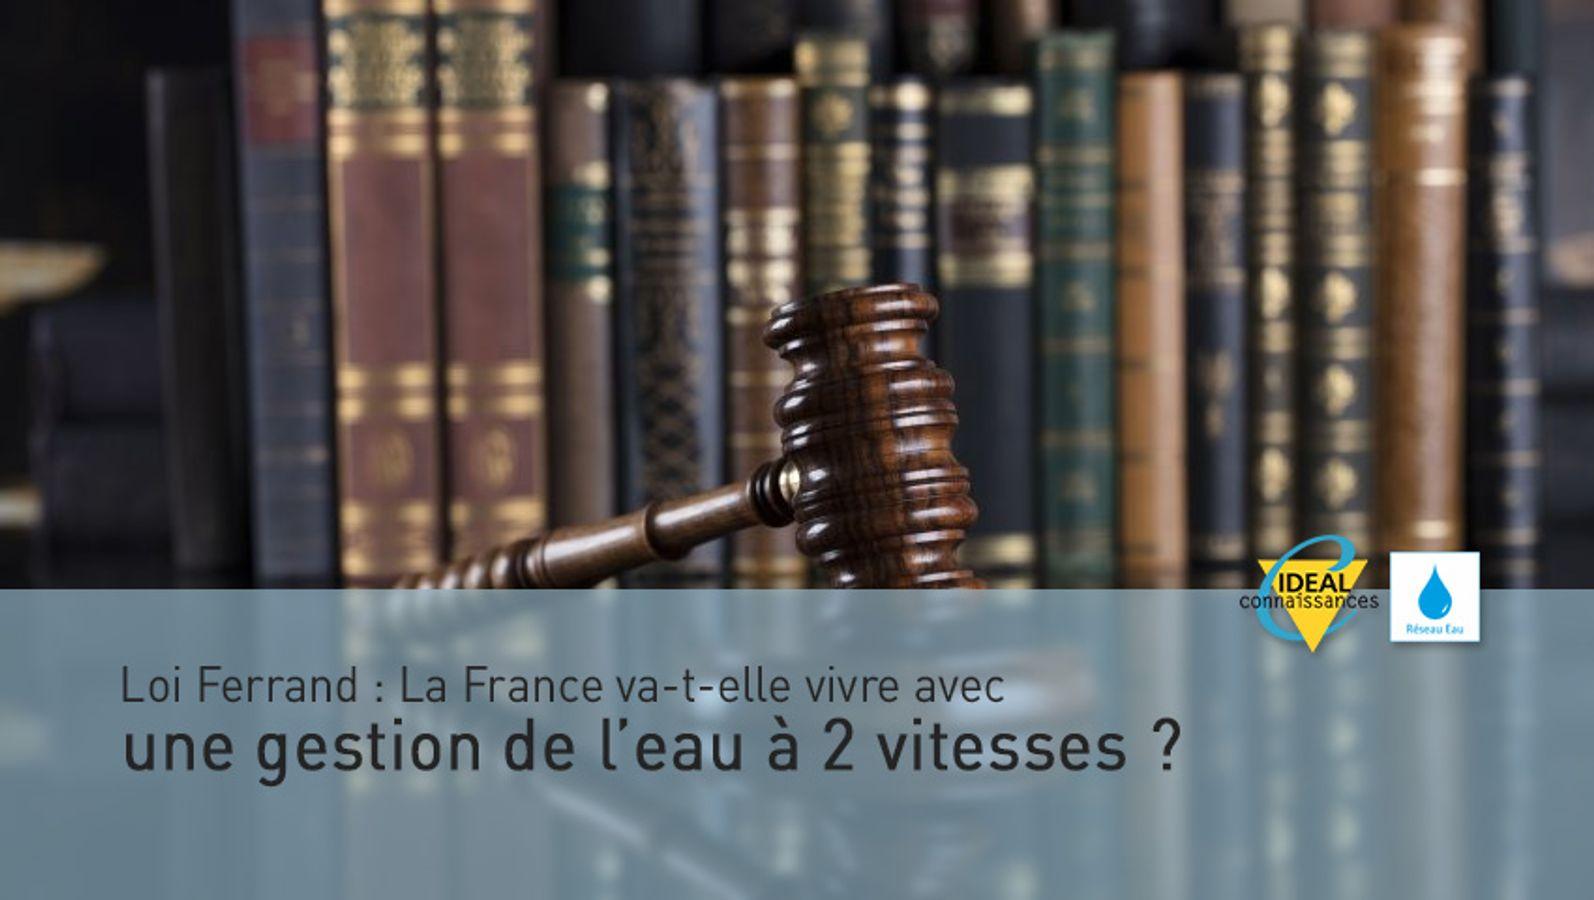 Loi Ferrand : La France va-t-elle vivre avec une gestion de l'eau à 2 vitesses ?